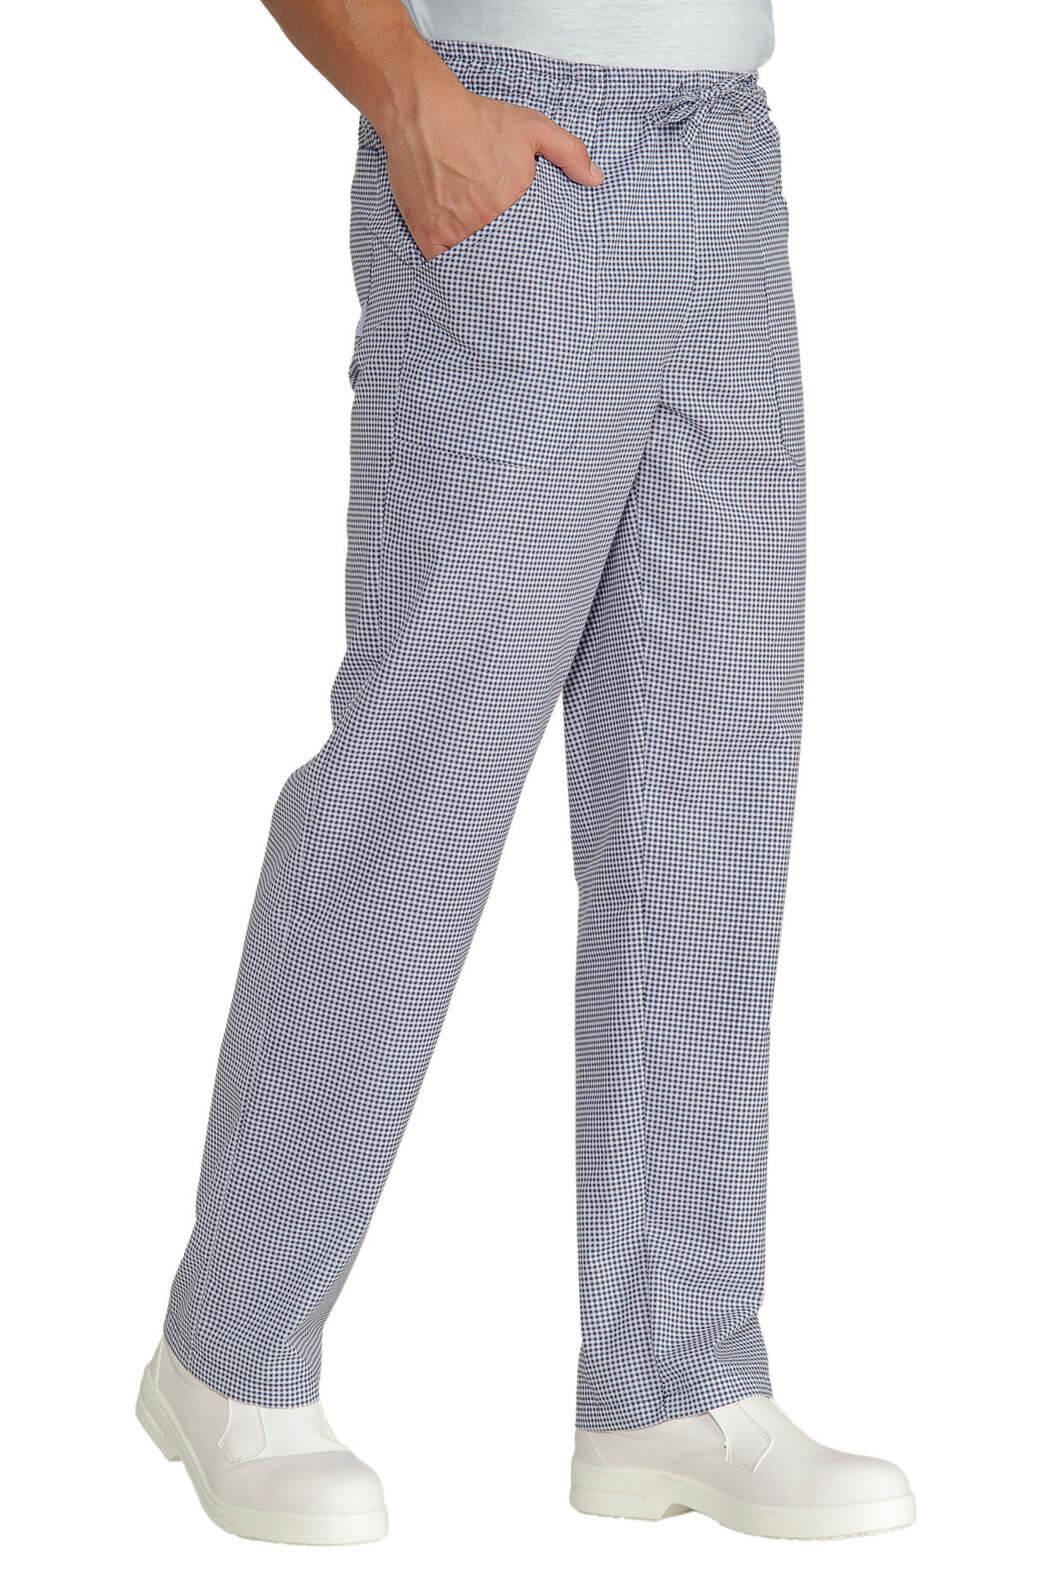 Pantalon cuisinier pied de poule blanc bleu for Cuisinier 71